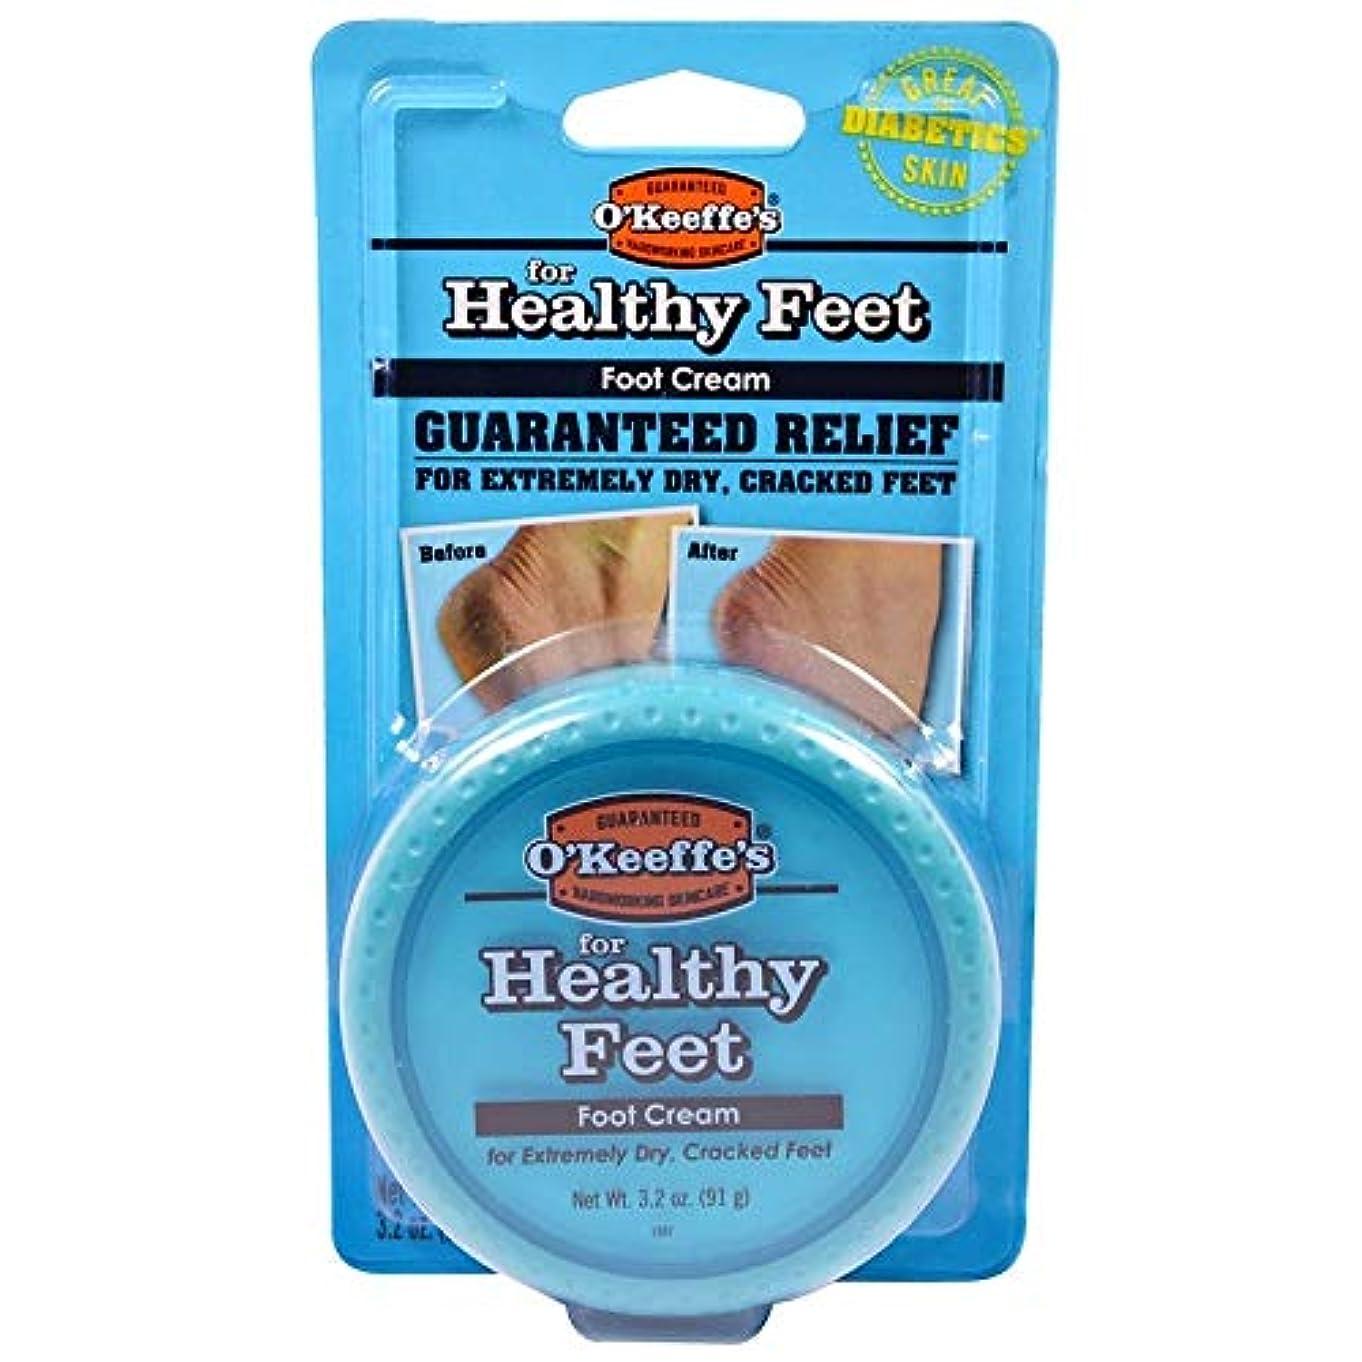 菊自明ベックス海外直送品O'Keeffe's For Healthy Feet Daily Foot Cream, 3.2 oz (91 g)X 2パック[並行輸入品] by O'Keeffe's